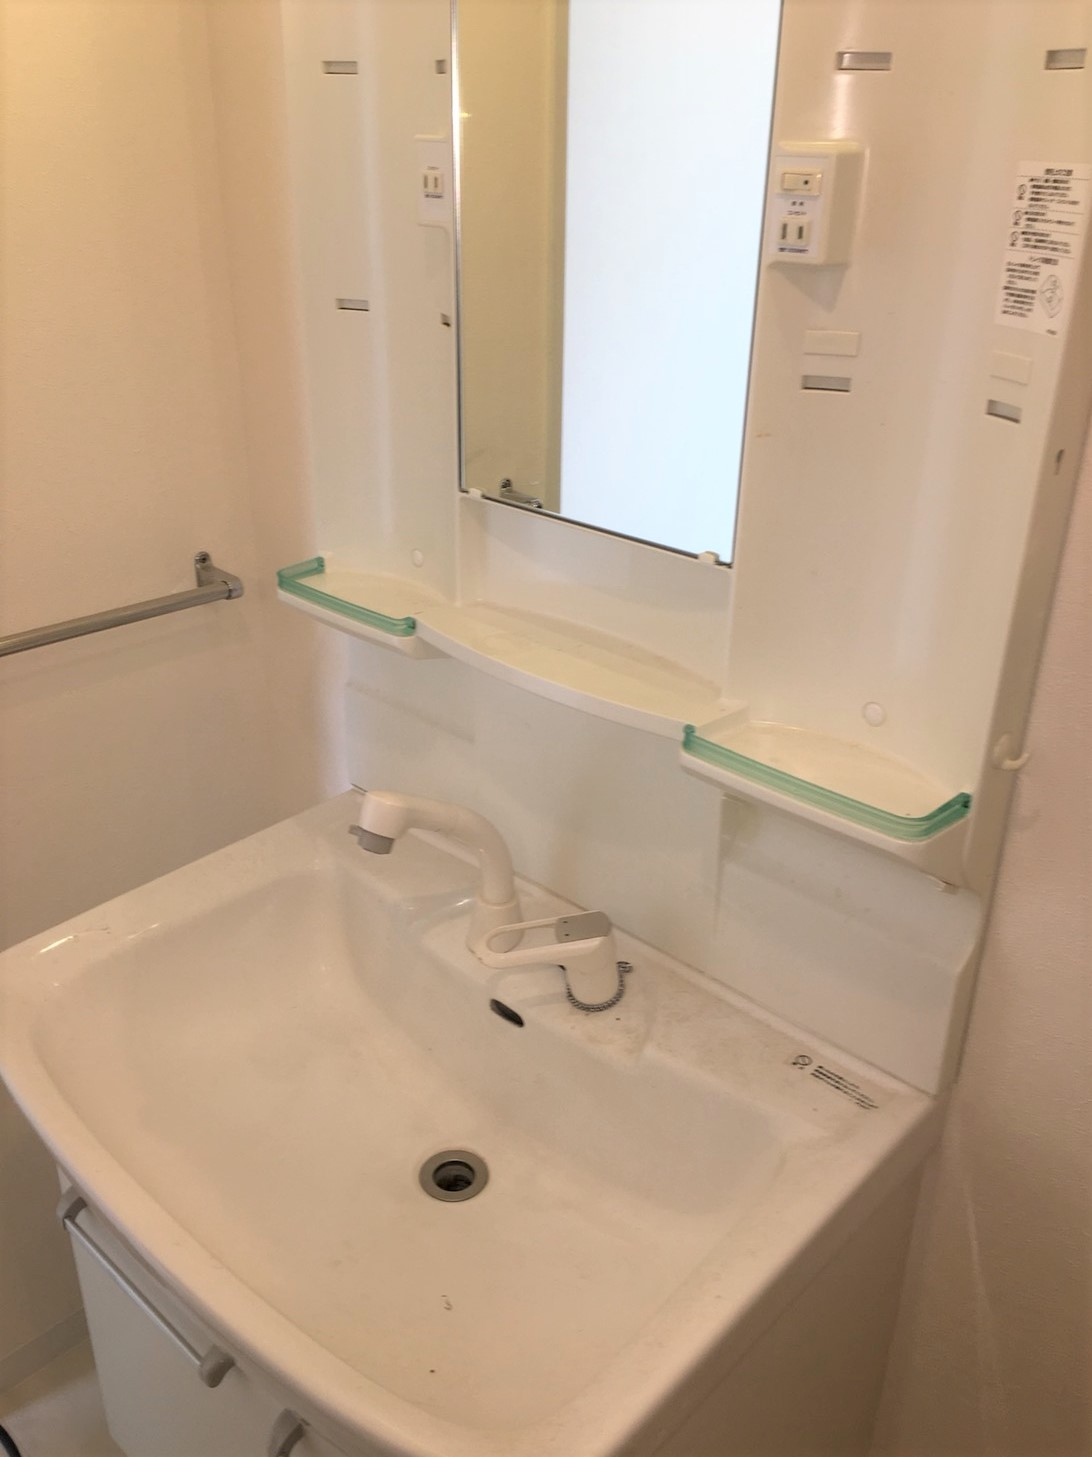 宝塚市 洗面台クリーニング♪水回り定期的清掃~ハウスクリーニングはおそうじプラスまで!